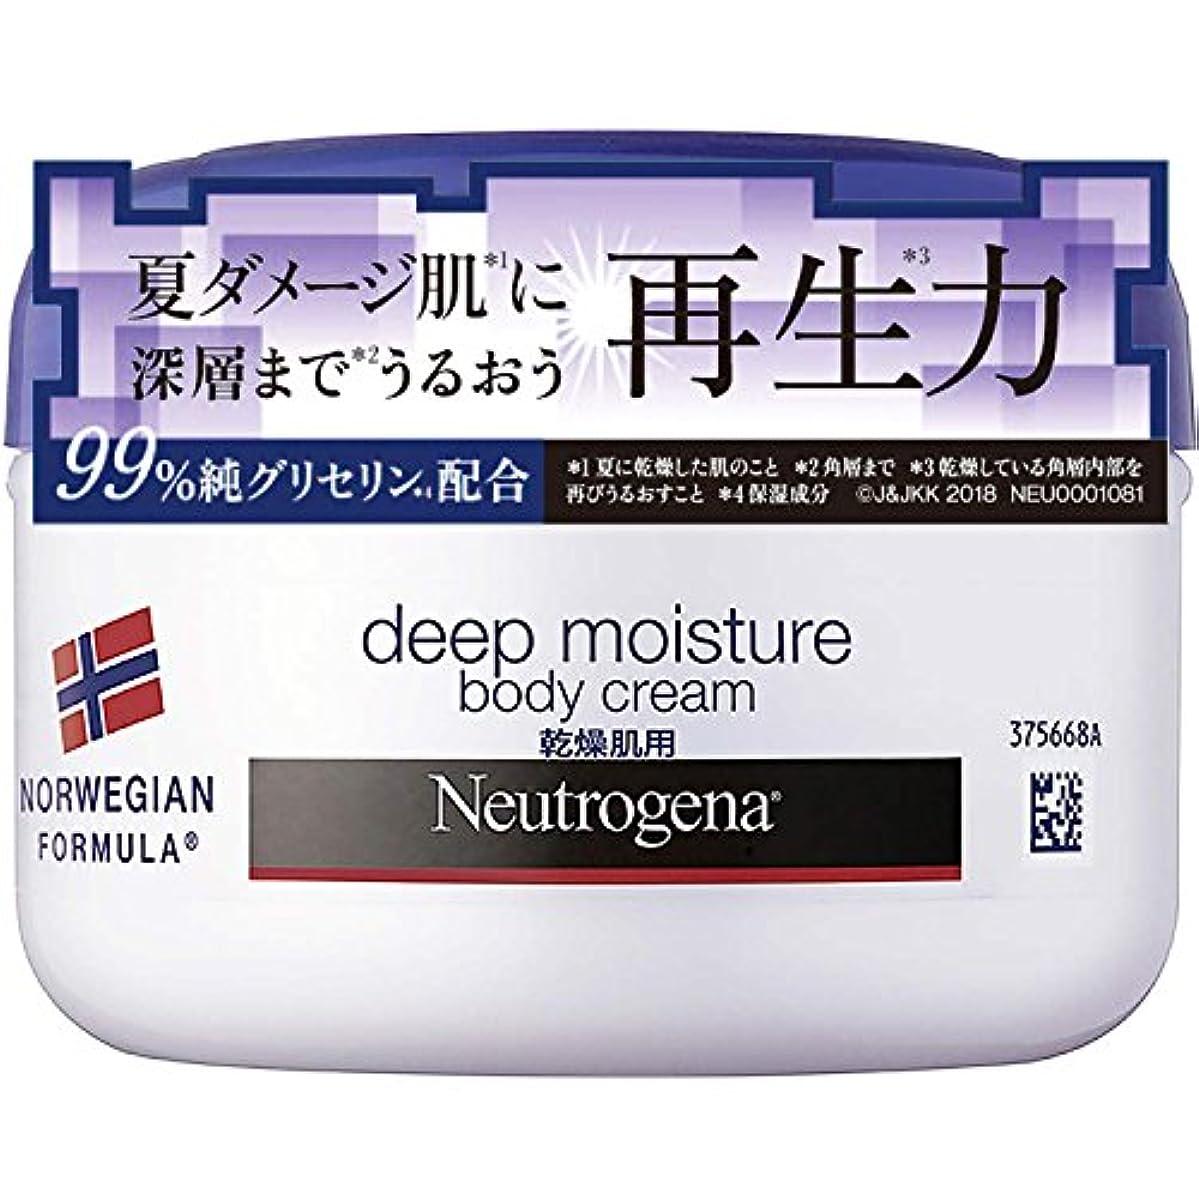 不和反発細心のNeutrogena(ニュートロジーナ) ノルウェーフォーミュラ ディープモイスチャー ボディクリーム 乾燥肌用 微香性 200ml